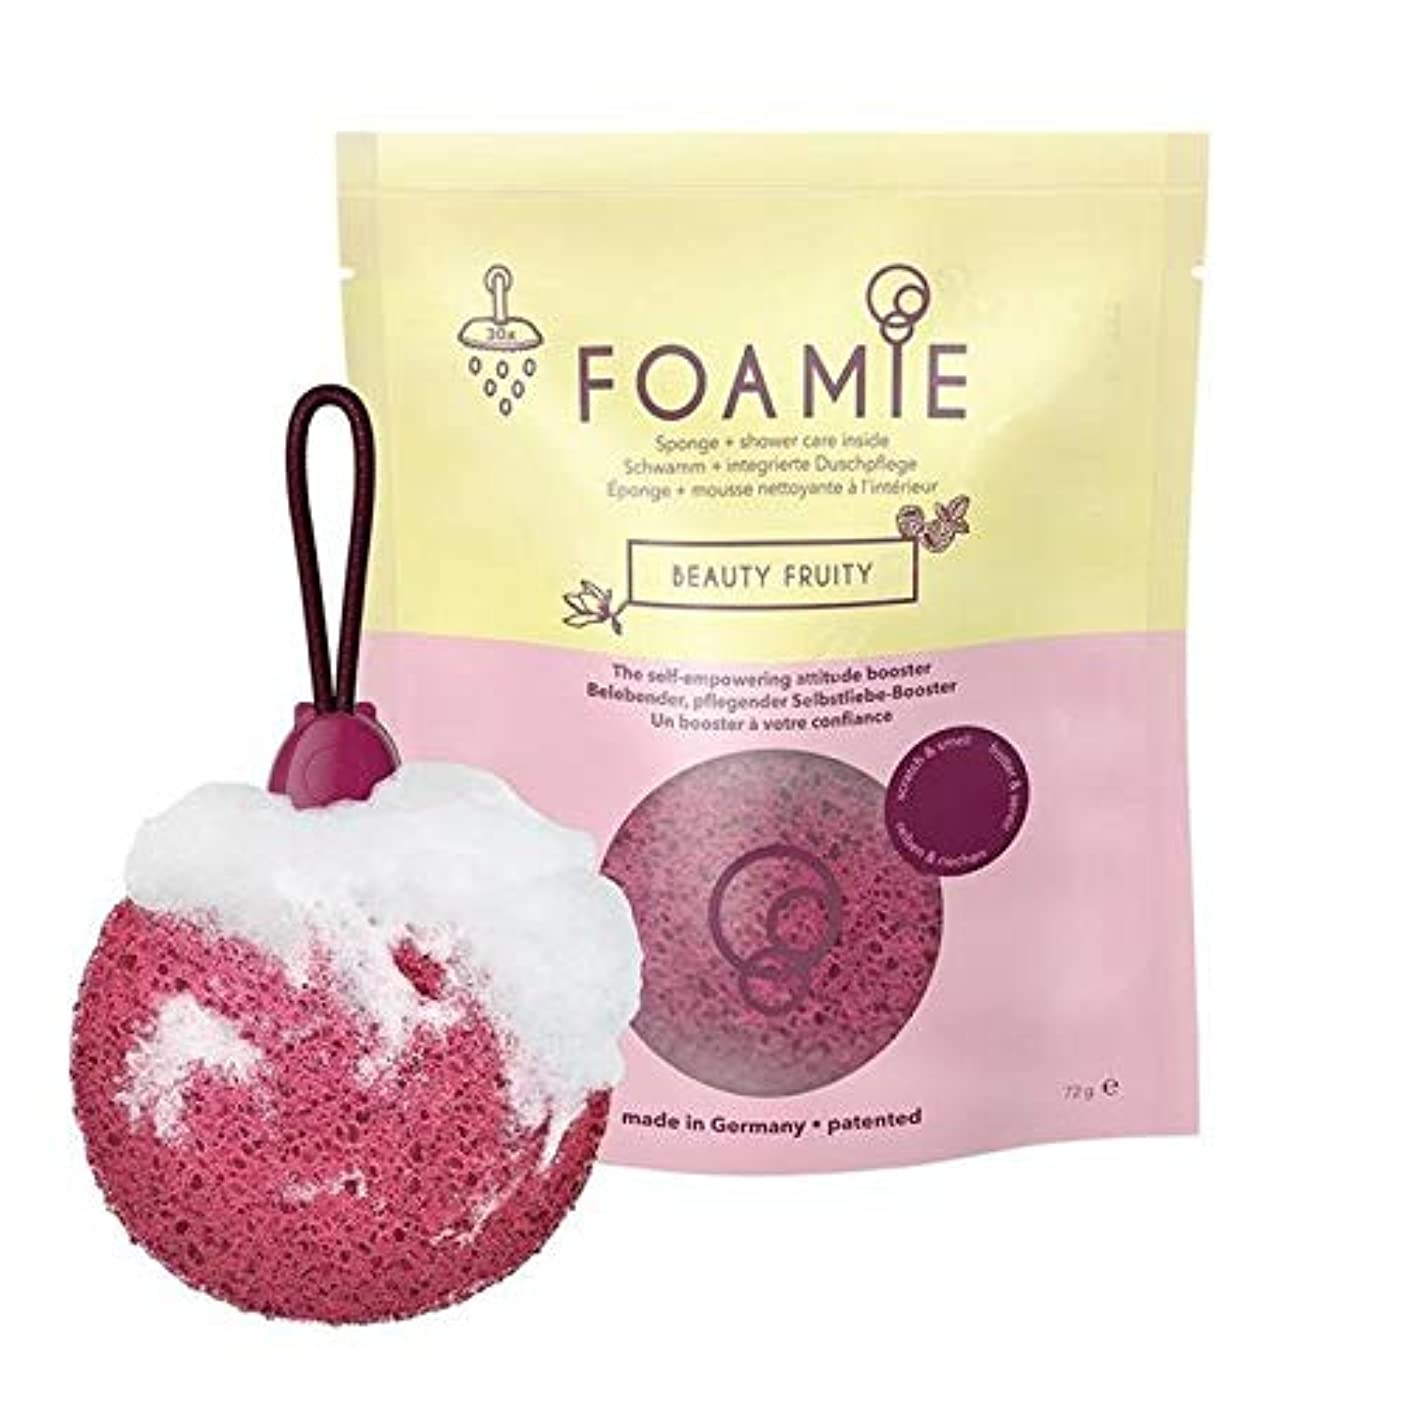 宣言する高める系譜[Foamie] Foamieスポンジ&ボディウォッシュ、美しさのフルーティー - Foamie Sponge & Body Wash, Beauty Fruity [並行輸入品]